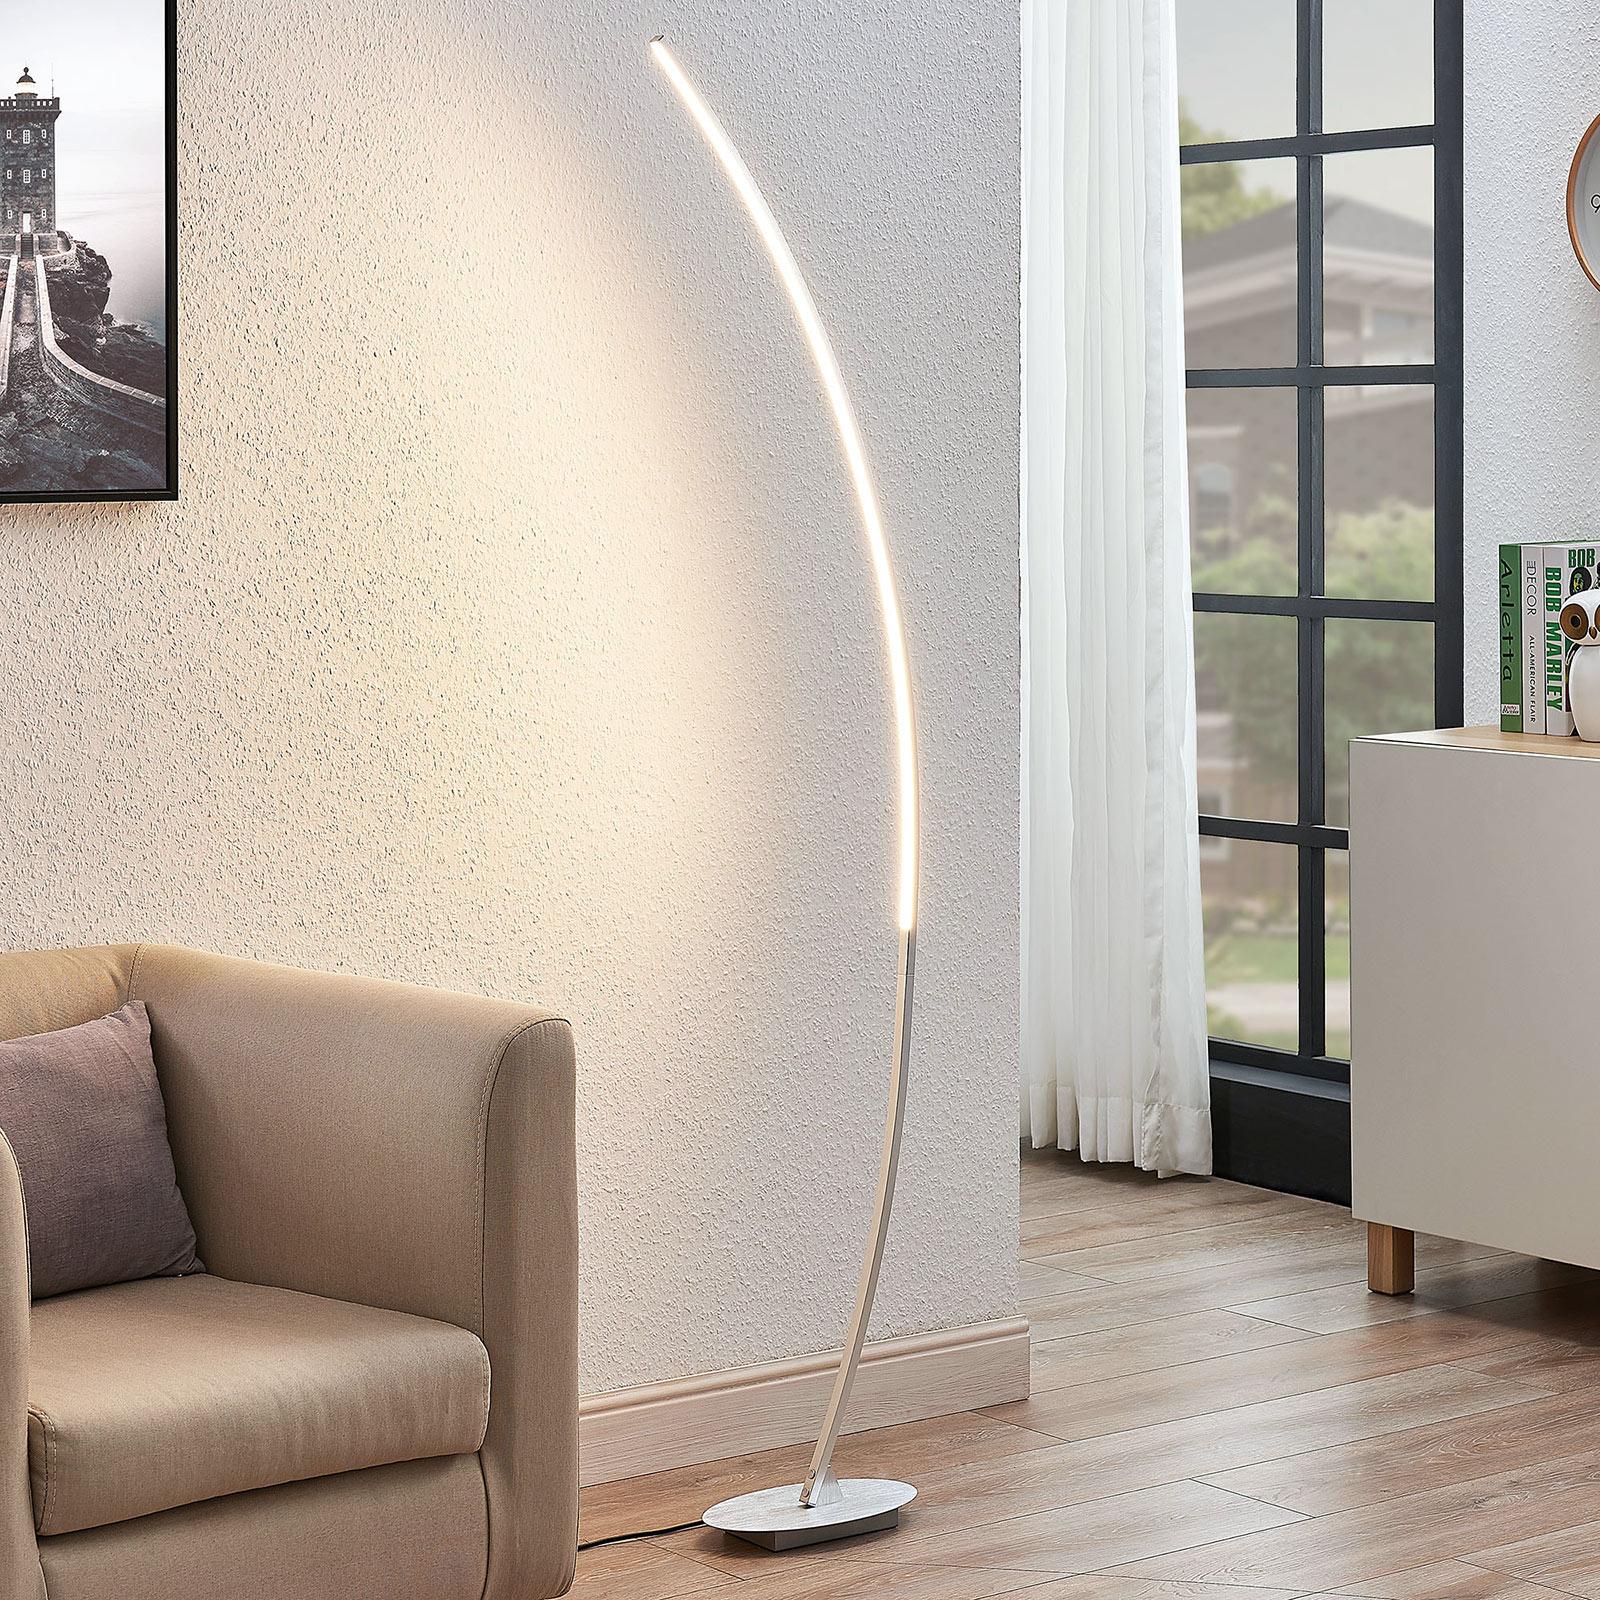 Łukowa lampa stojąca LED Nalevi, srebrna